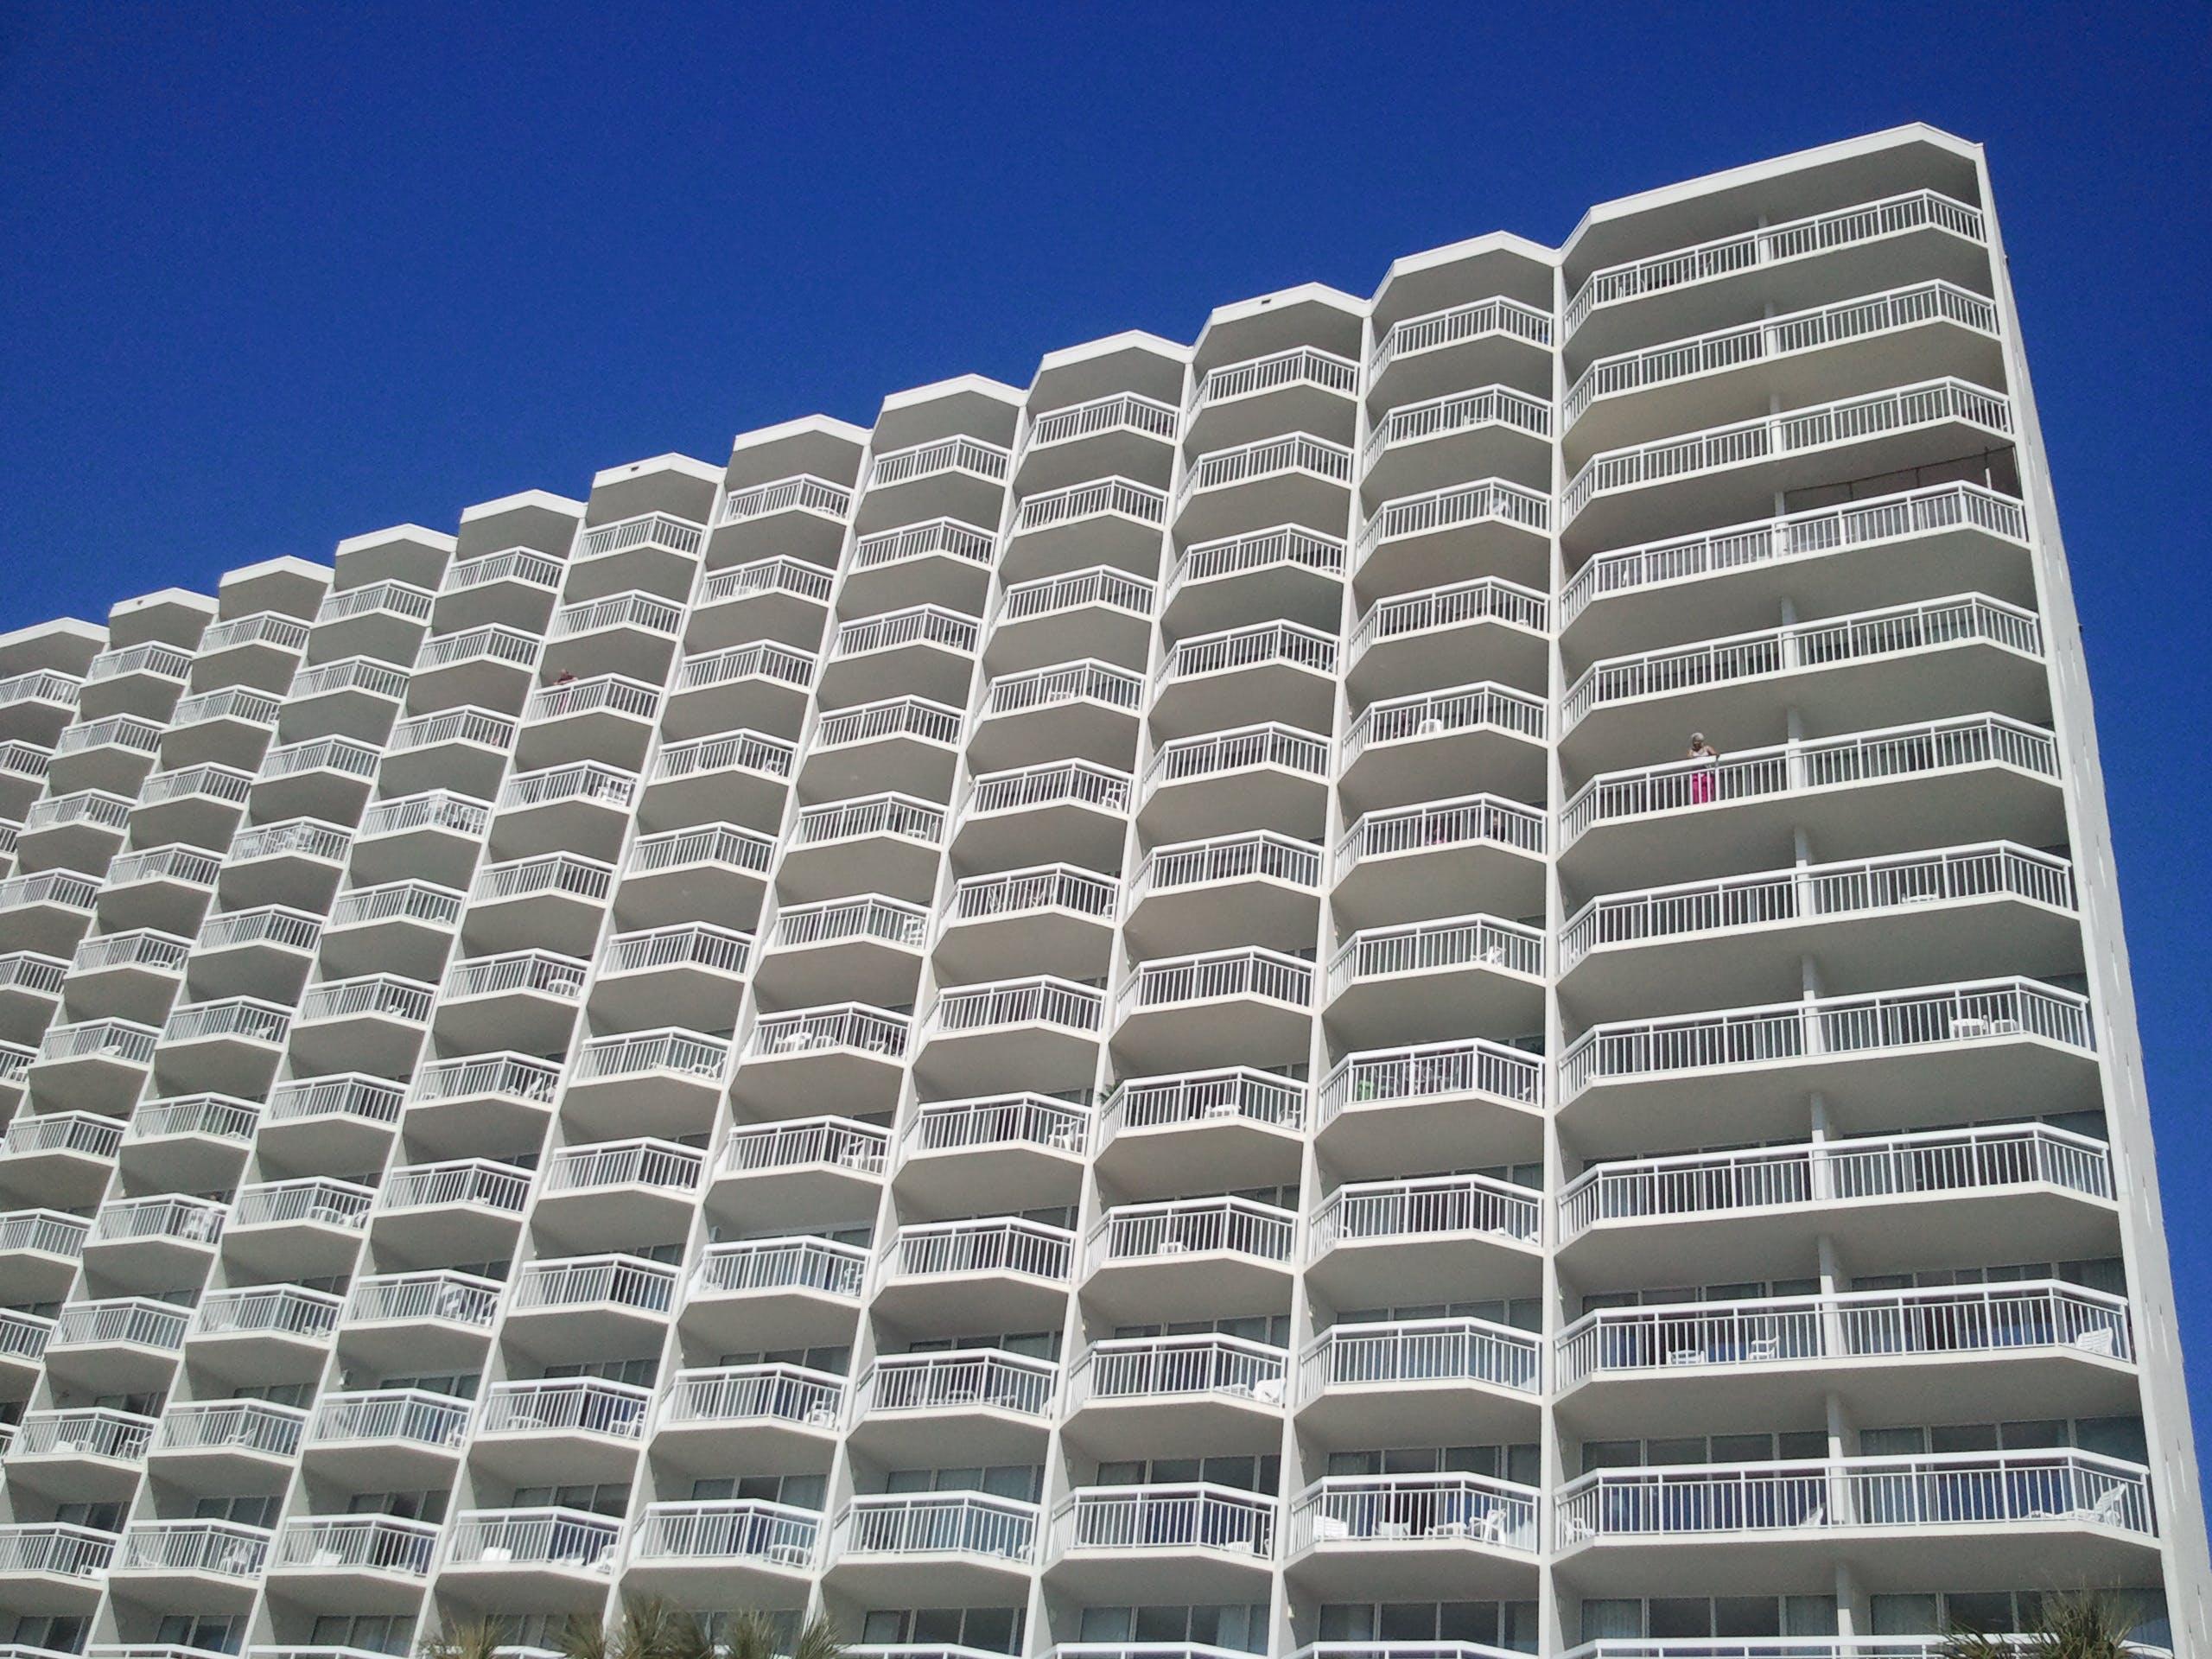 White Condominium Building Under Blue Sky